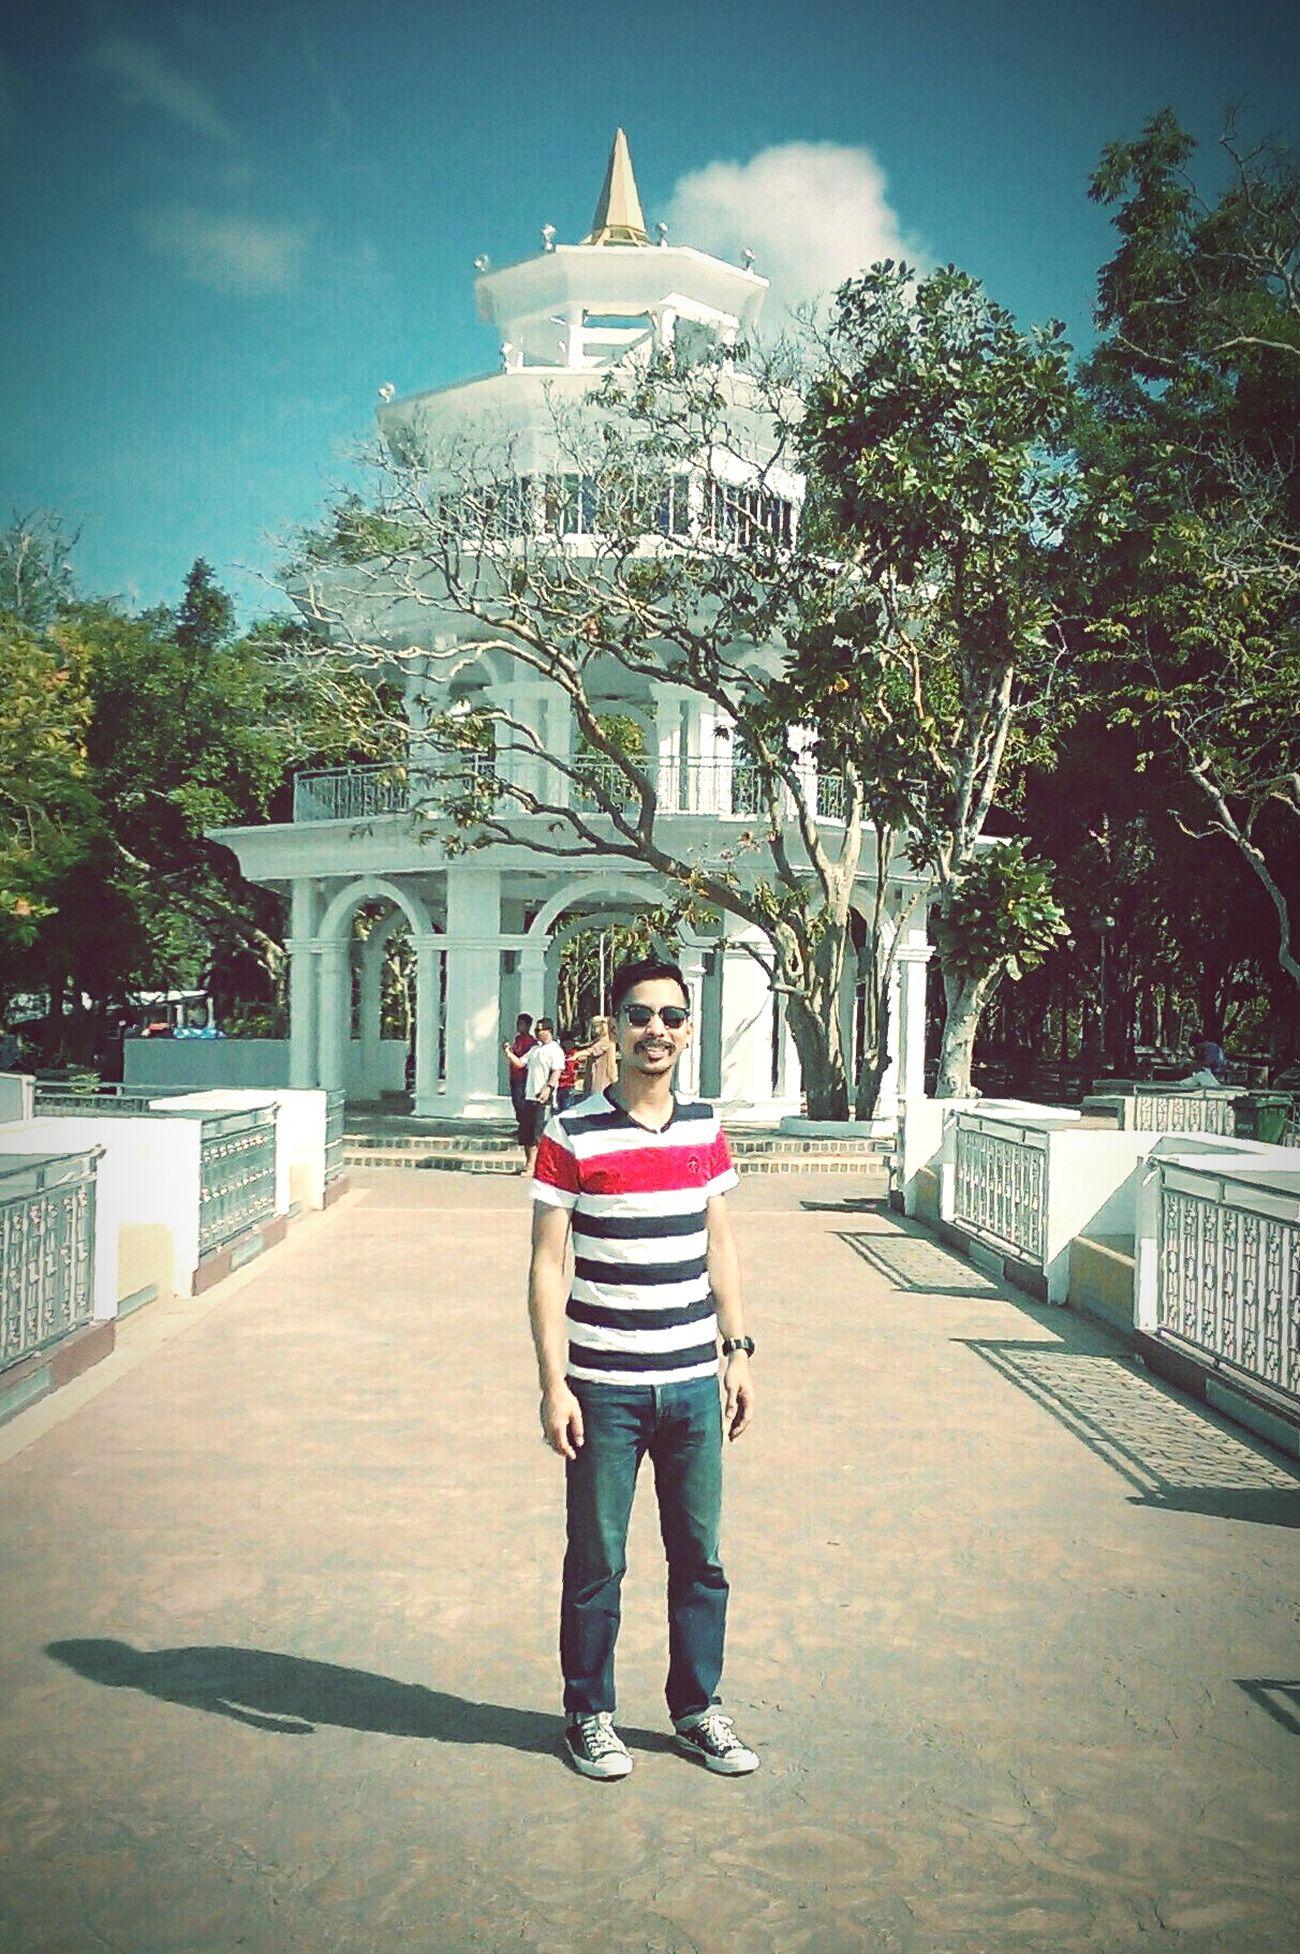 สวัสดิ์ดี เมืองภูเก็ต Thailand Phuket